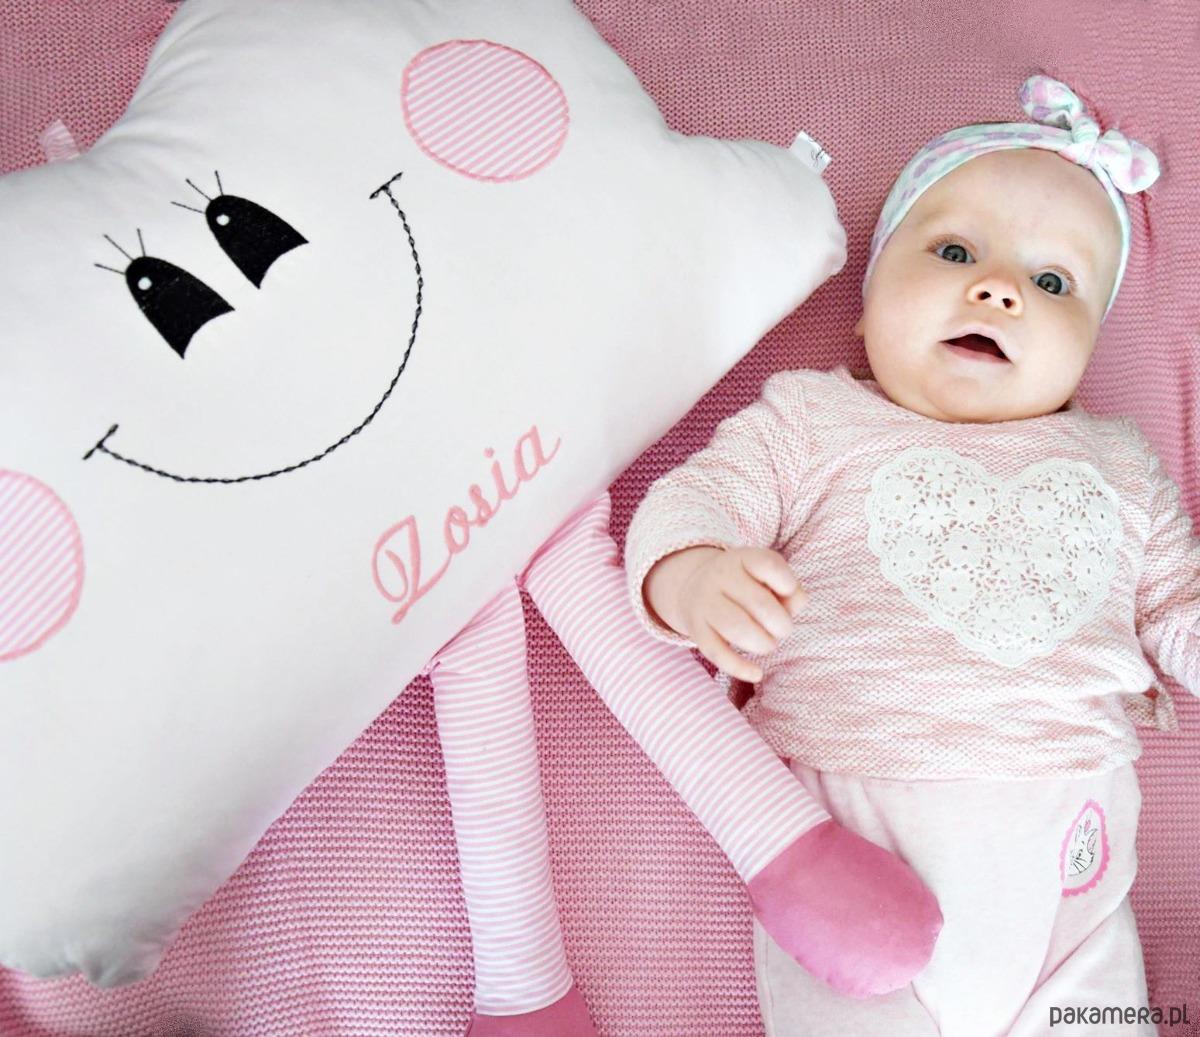 Poduszka Chmurka Z Imieniem Dziecka Pakamerapl